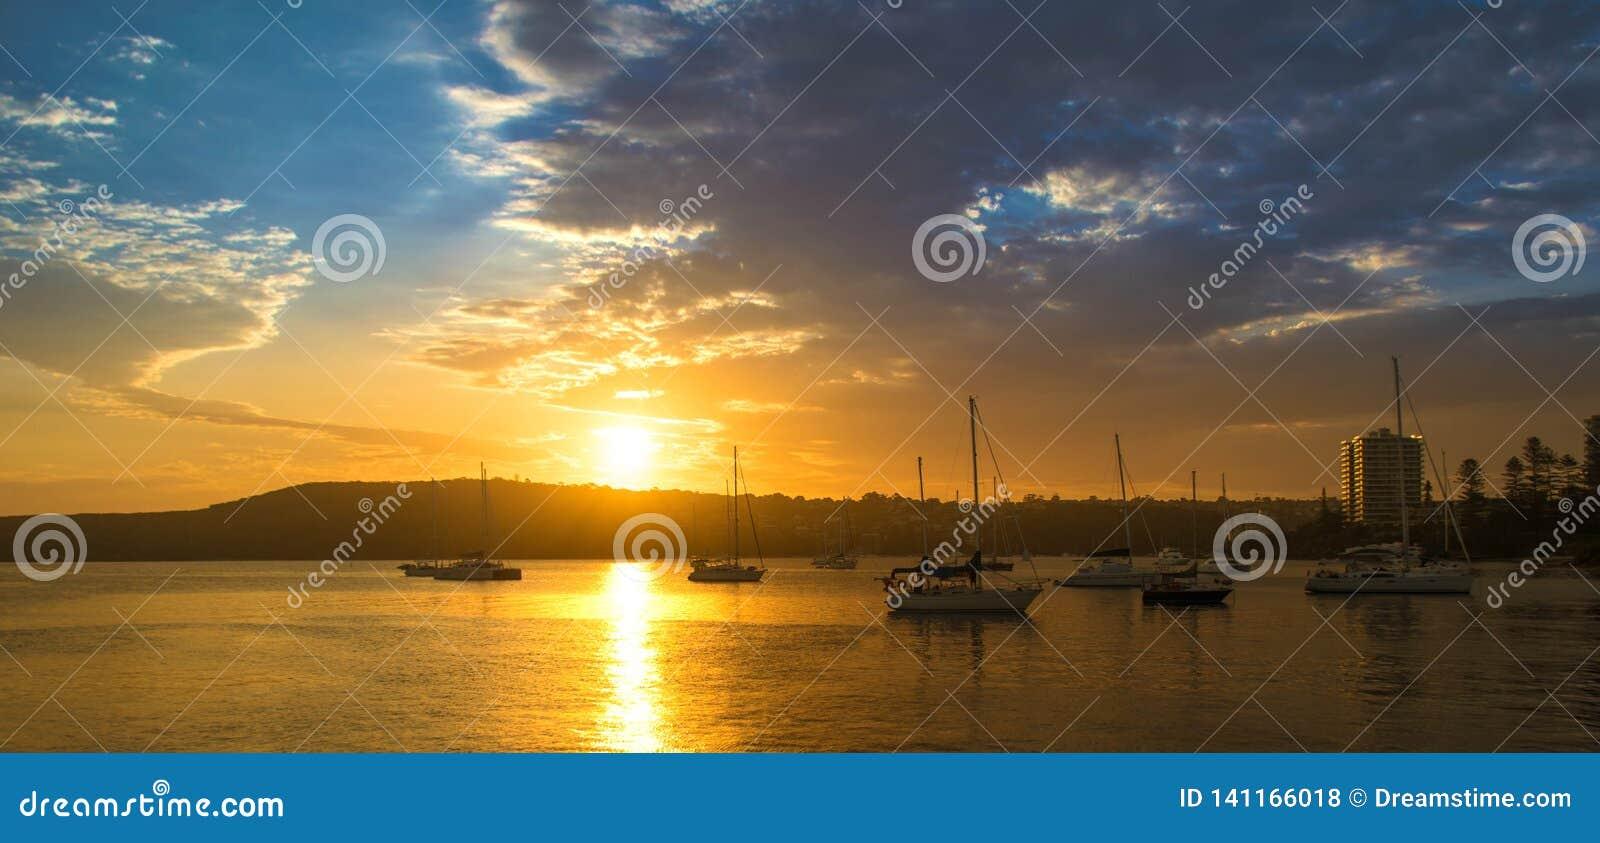 Solnedgång i hamnen av manligt